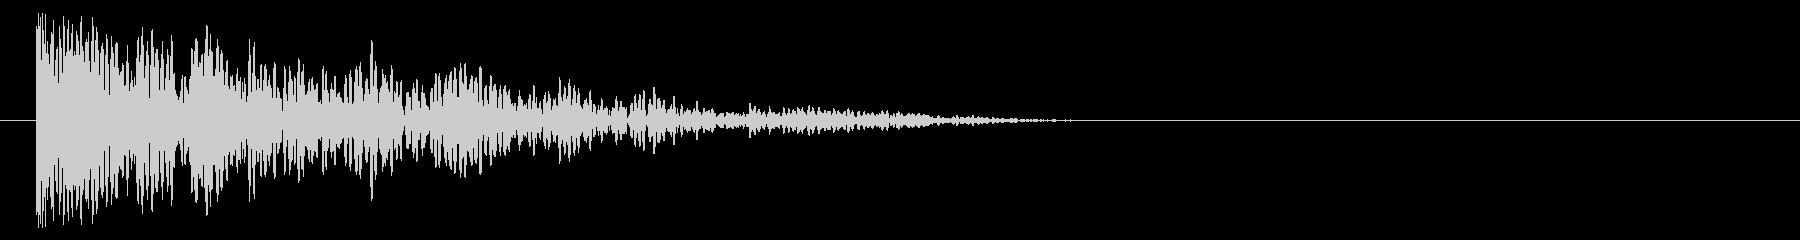 低音インパクト_ショックの未再生の波形